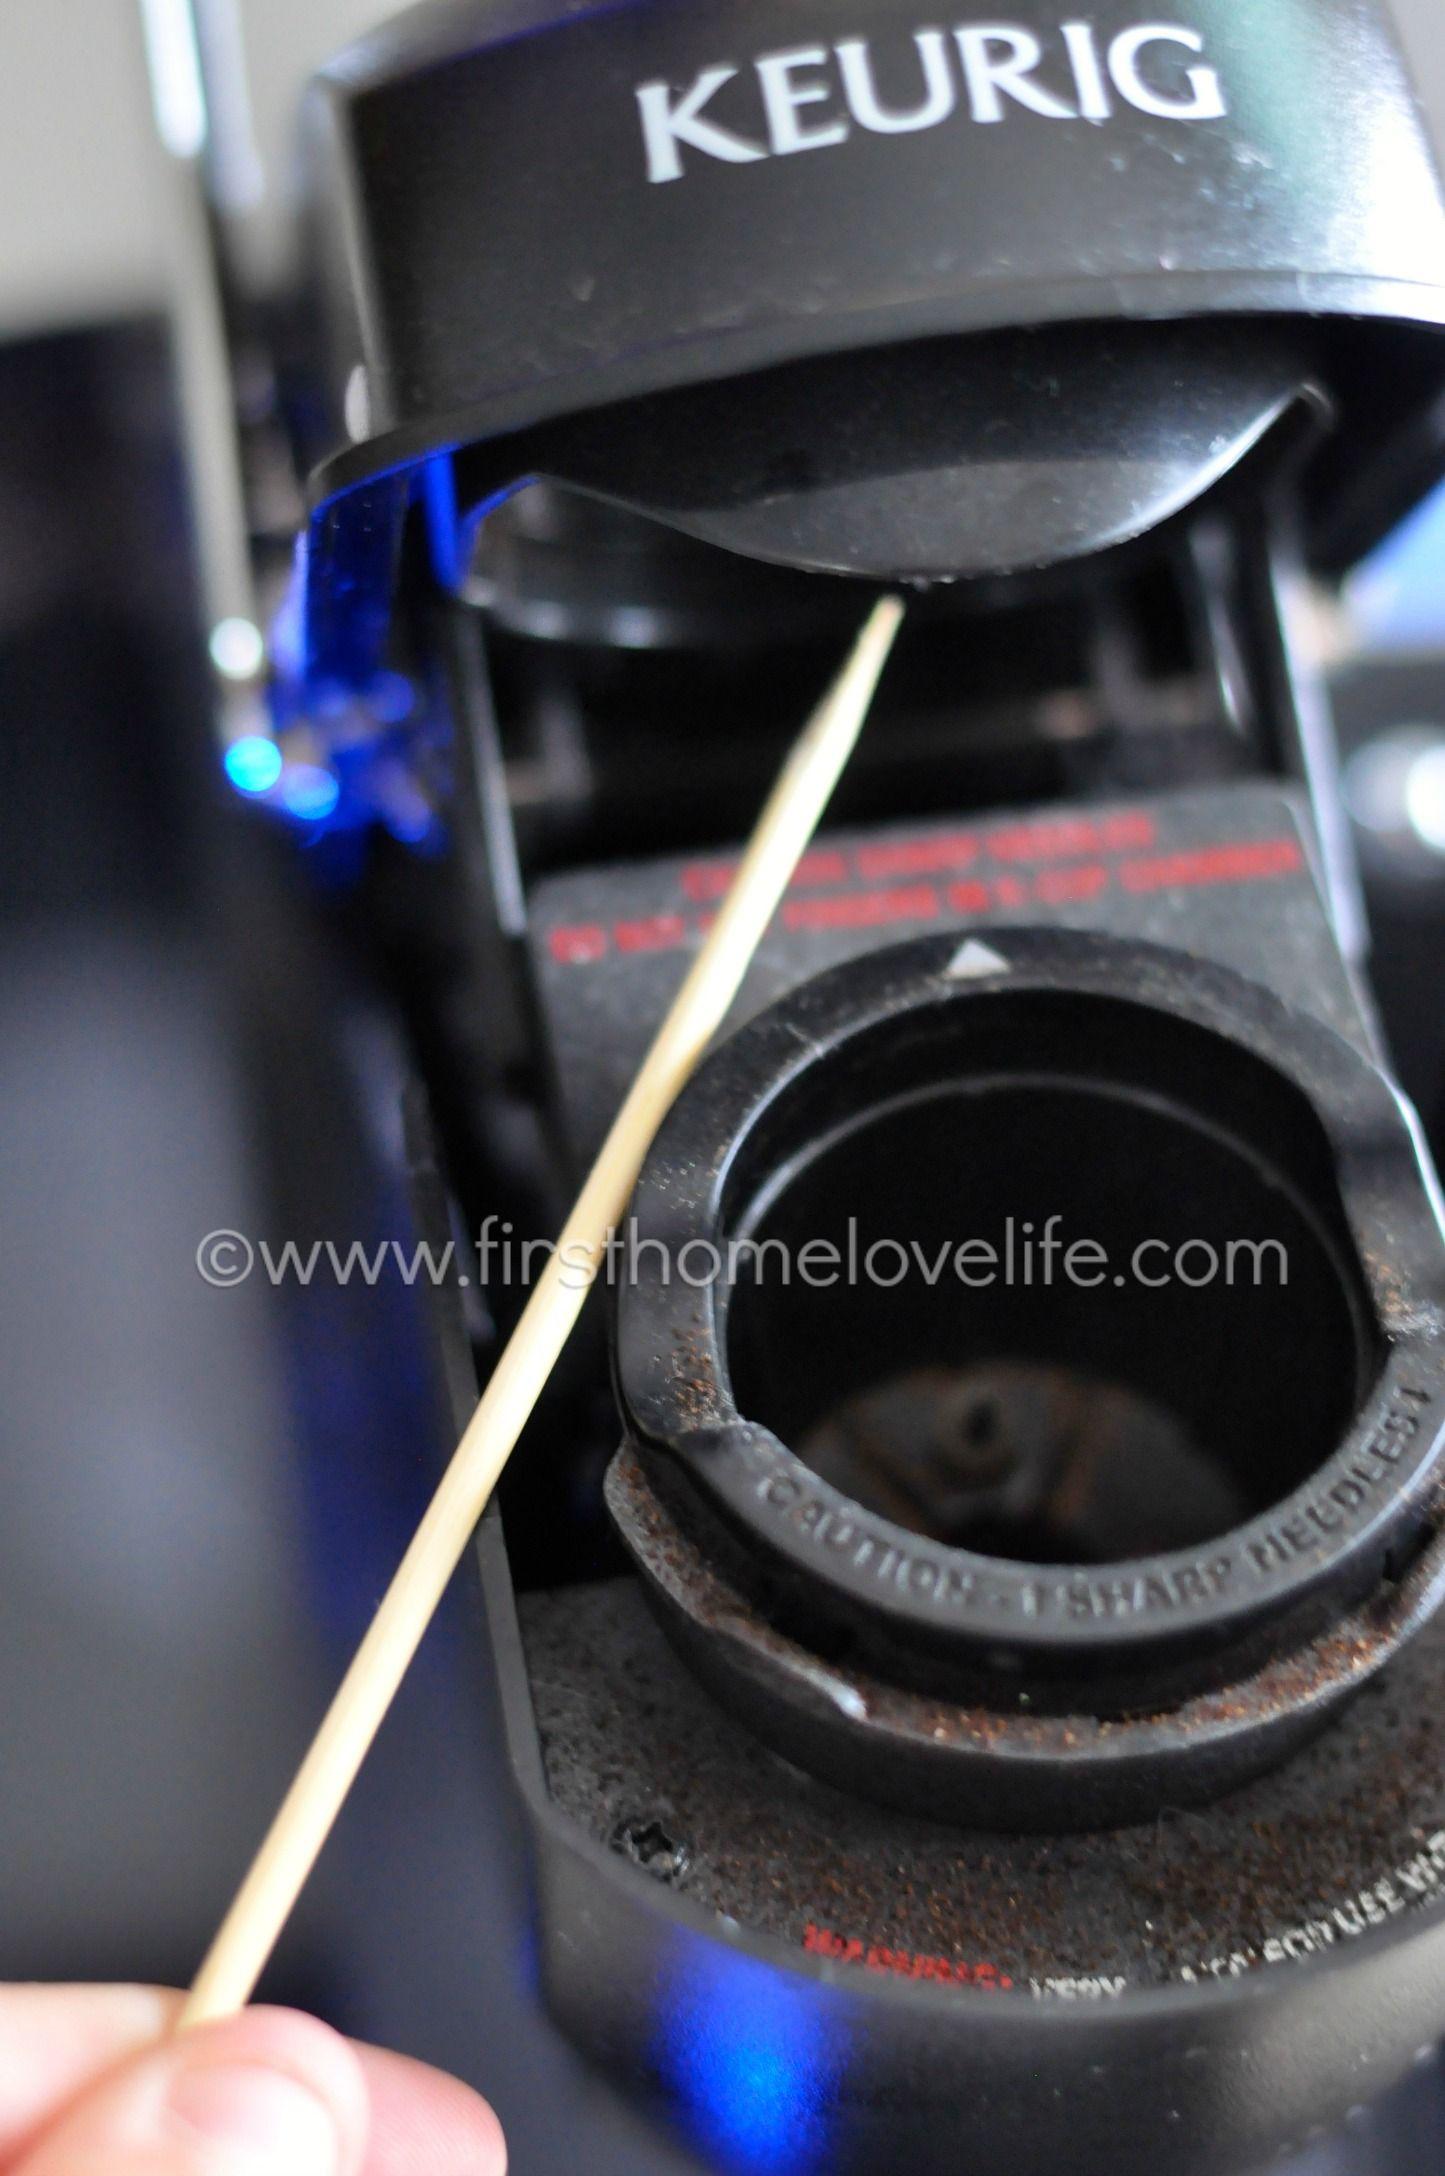 How To Clean A Clogged Keurig Keurig Cleaning Keurig Coffee